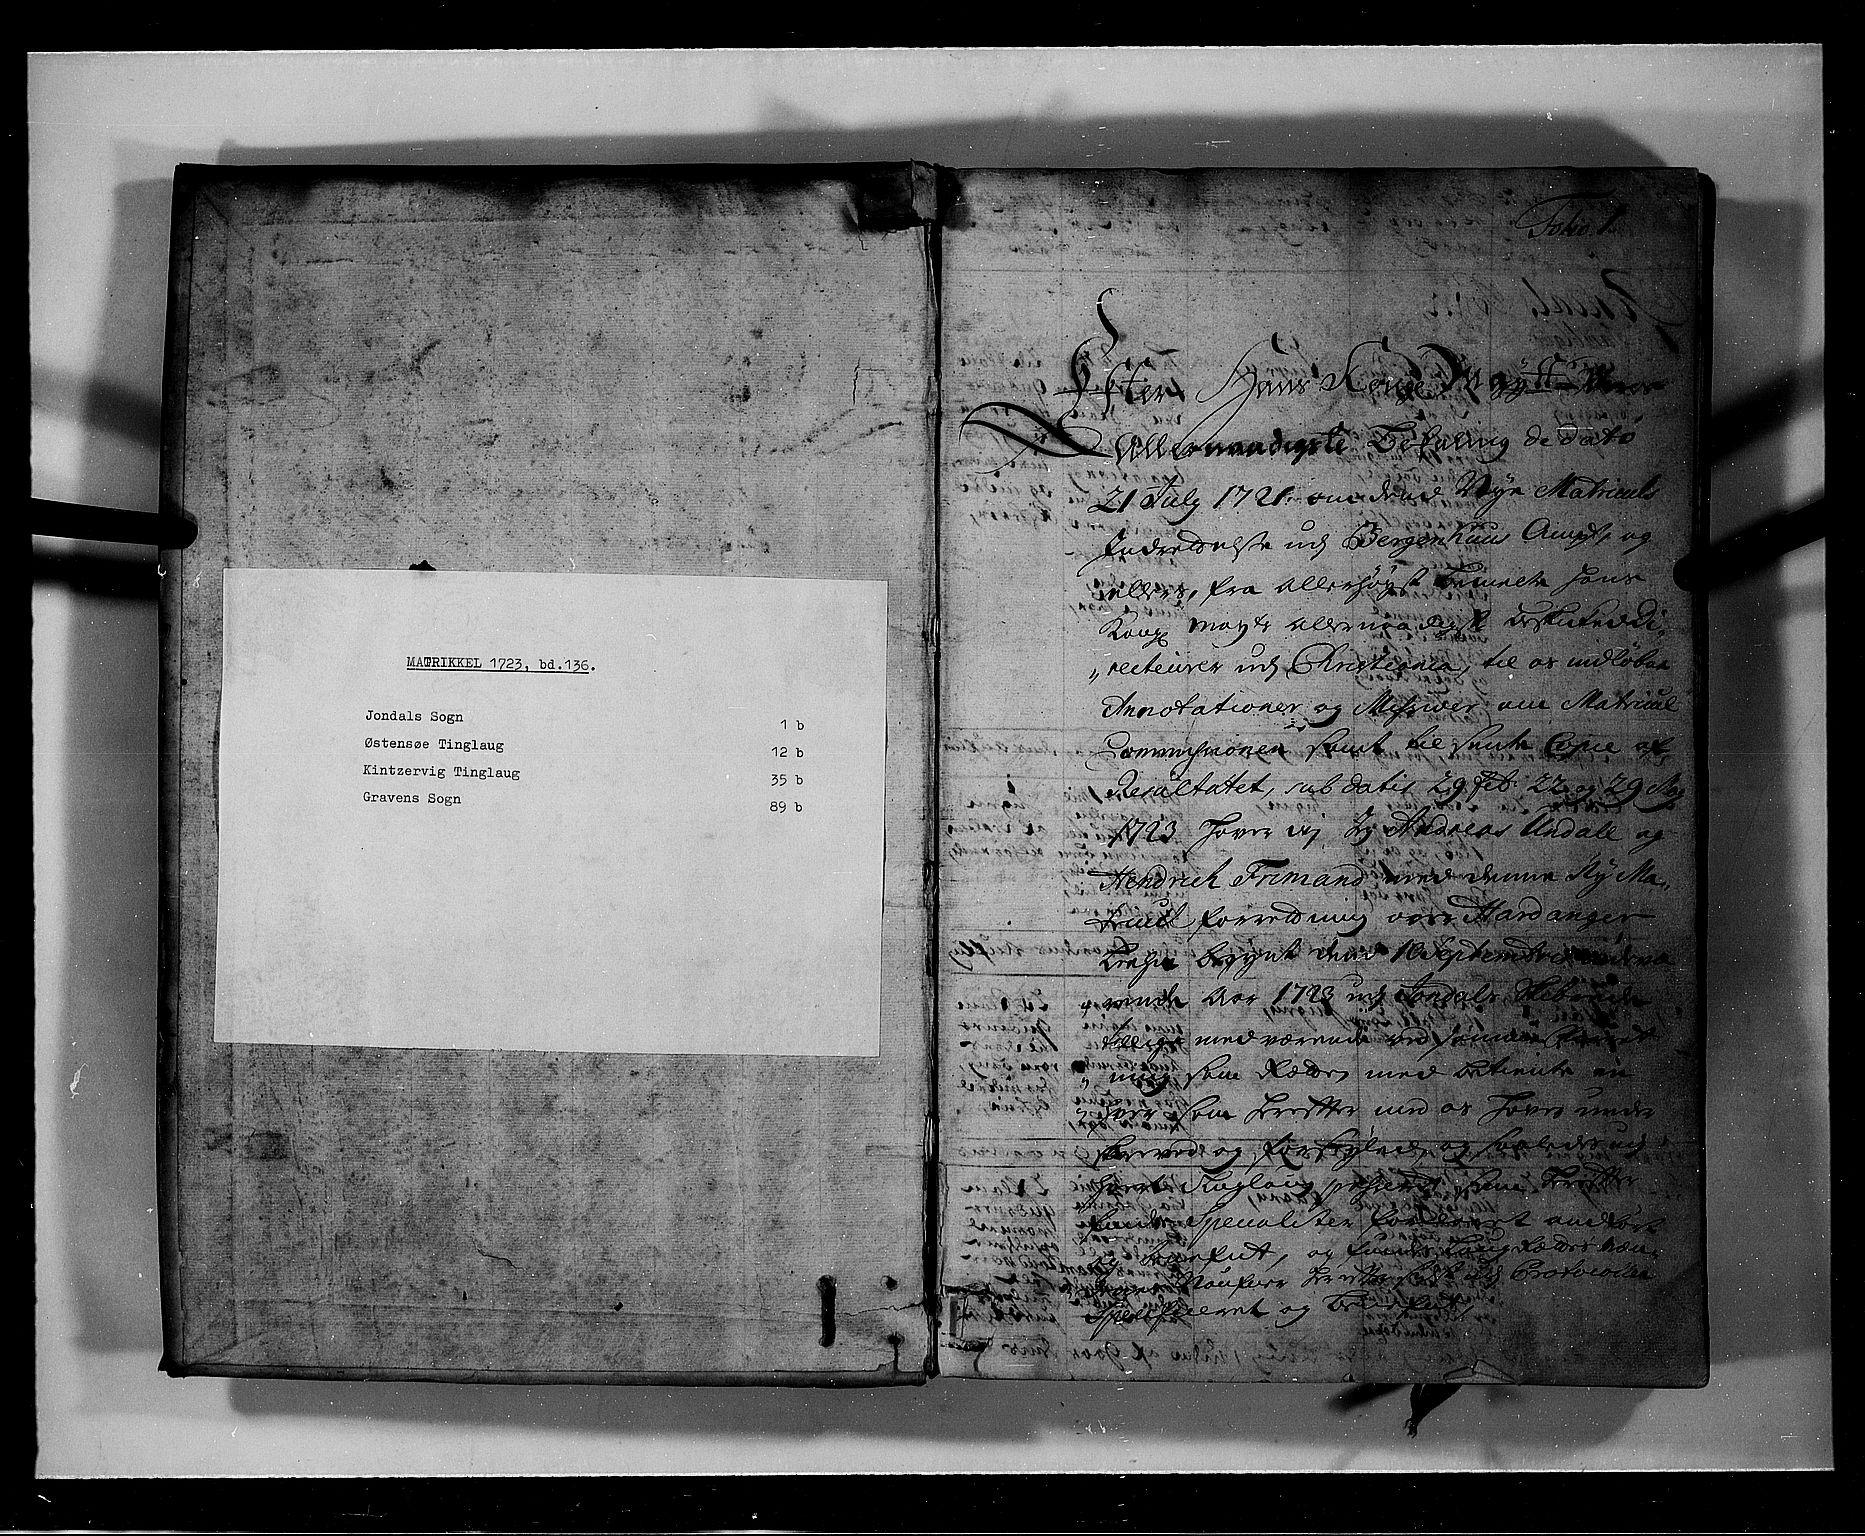 RA, Rentekammeret inntil 1814, Realistisk ordnet avdeling, N/Nb/Nbf/L0136: Hardanger eksaminasjonsprotokoll, 1723, s. 1a